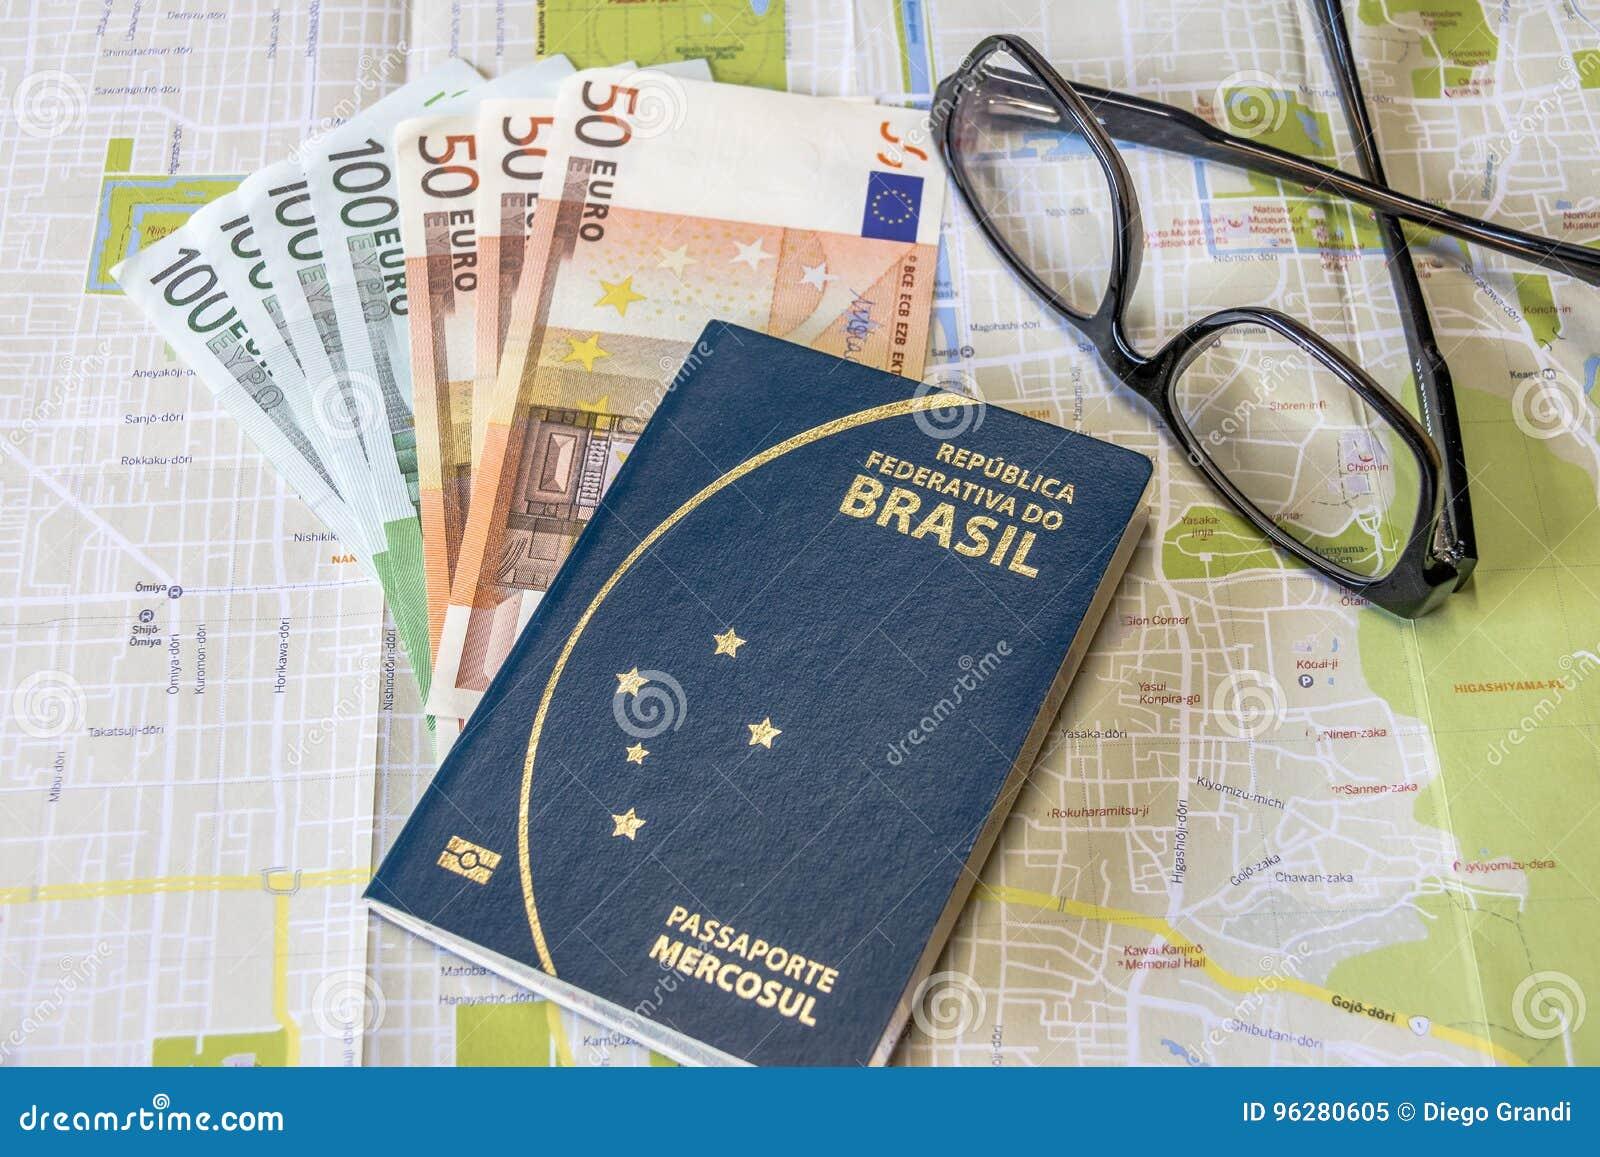 Planung eine Reise - brasilianischer Pass auf Stadtplan mit Euro berechnet Geld und Gläser